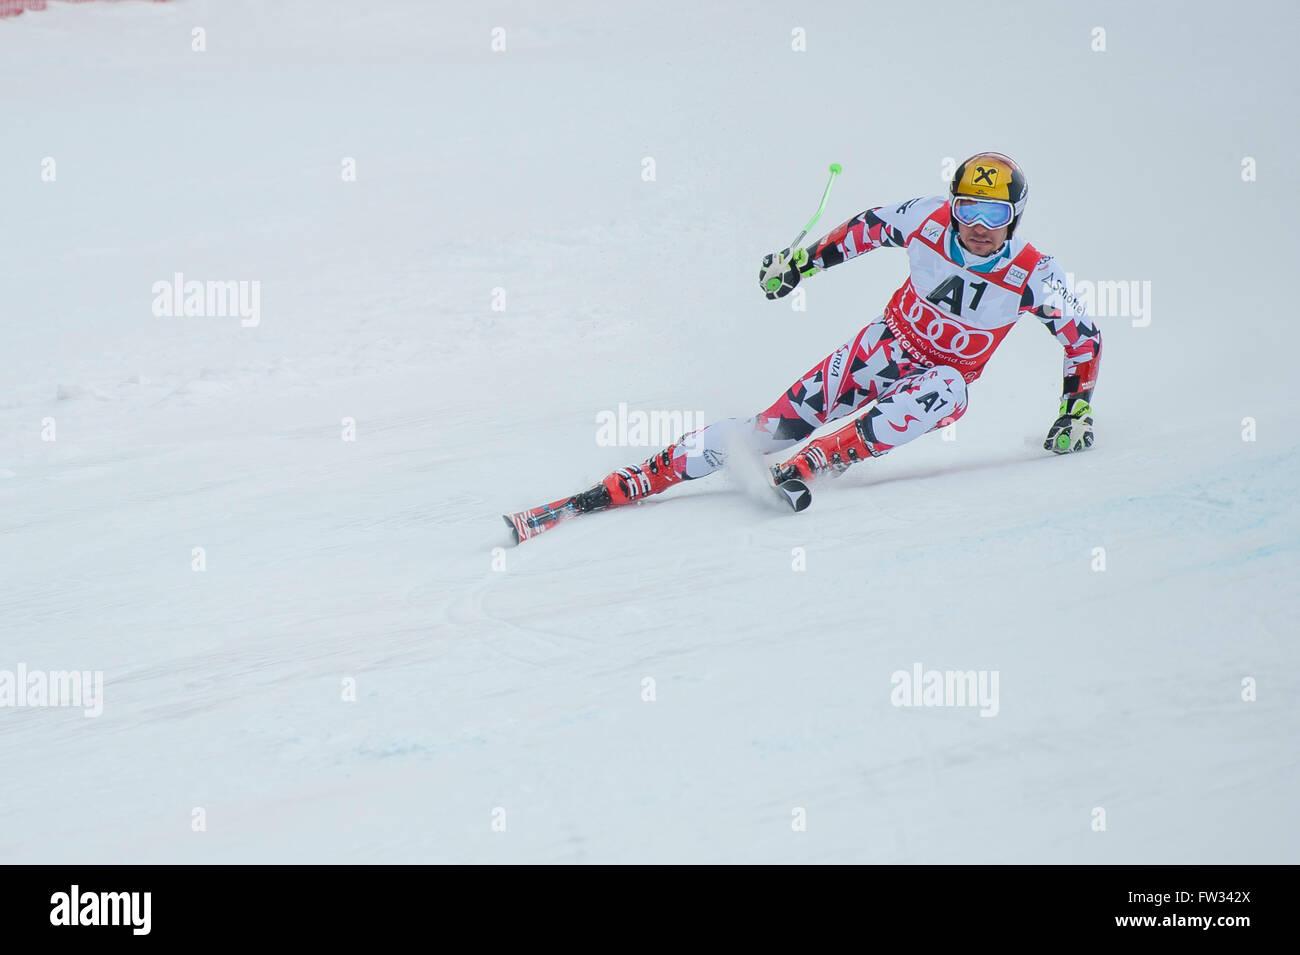 Marcel Hirscher, Austria, Giant slalom, Ski World Cup, Hinterstoder, Upper Austria, Austria - Stock Image